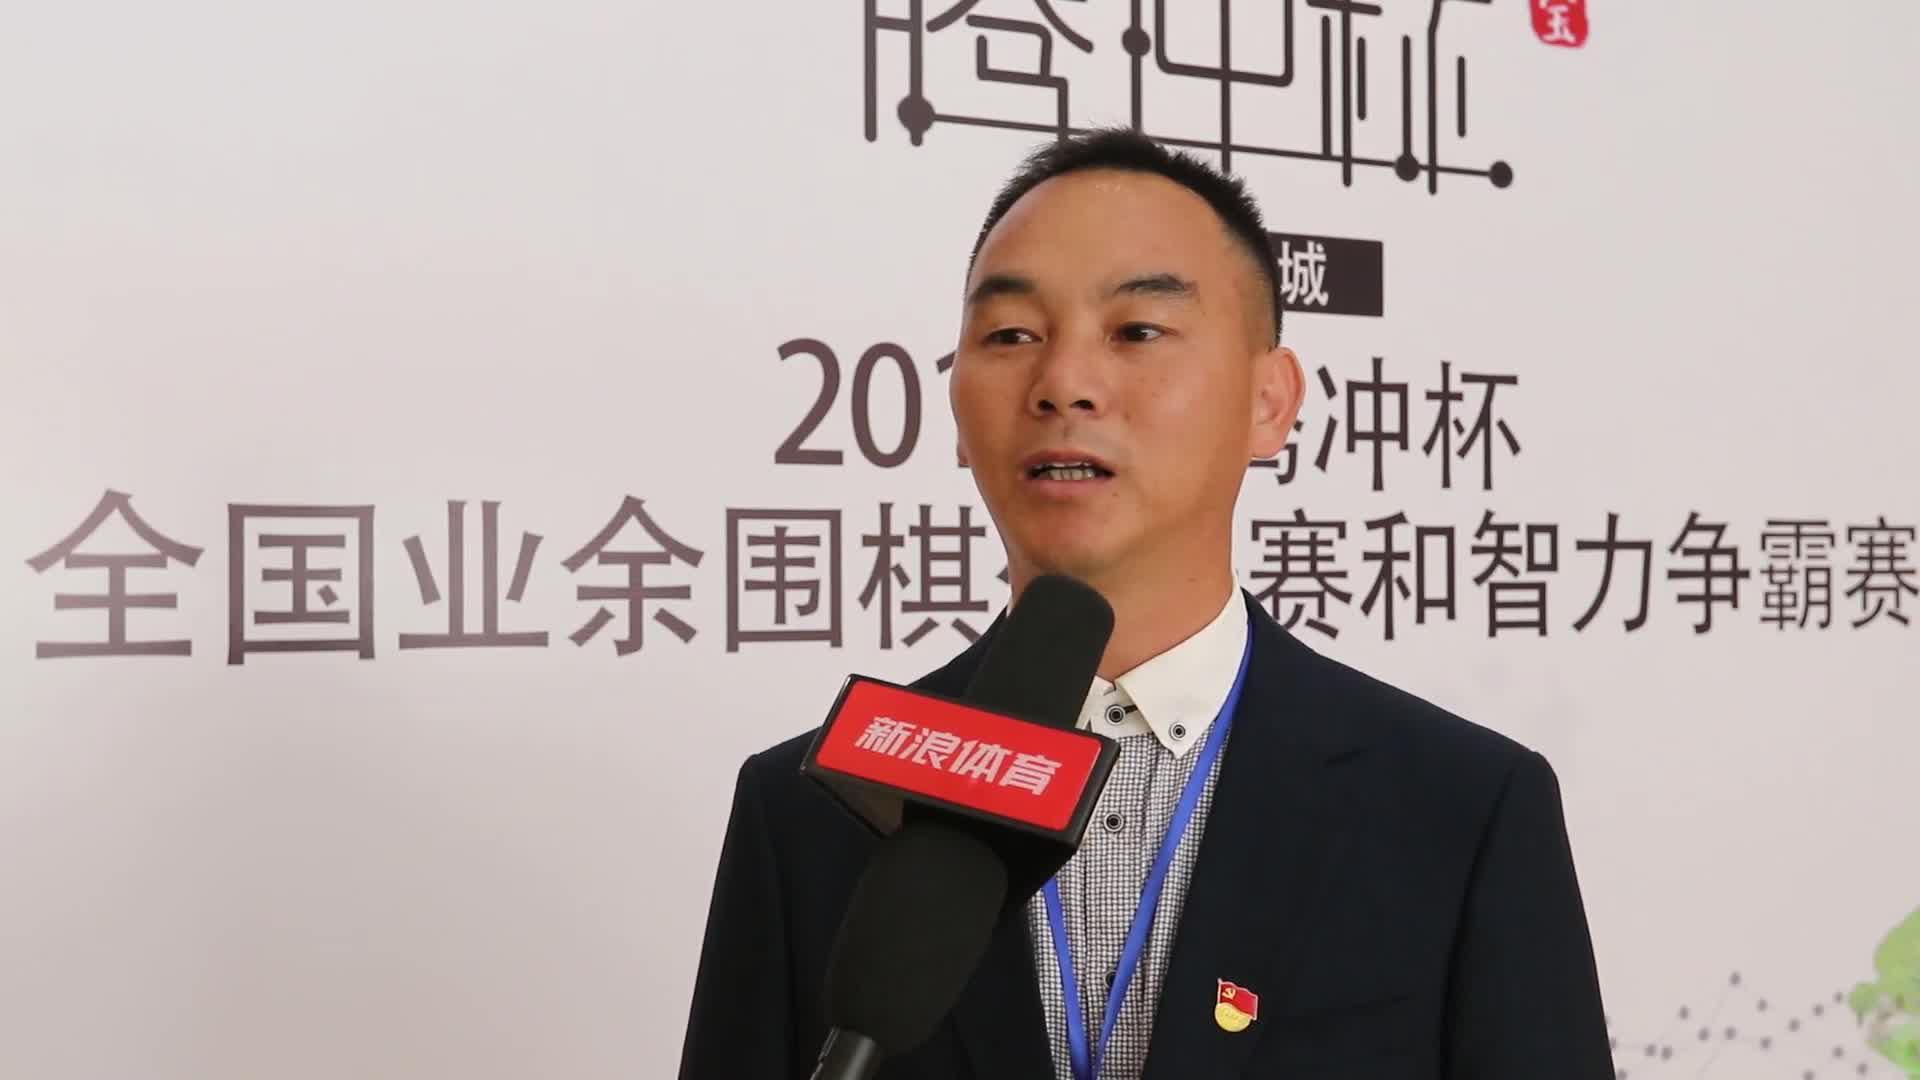 视频-腾冲旅游服务中心总经理陈云:推荐棋手体验腾冲